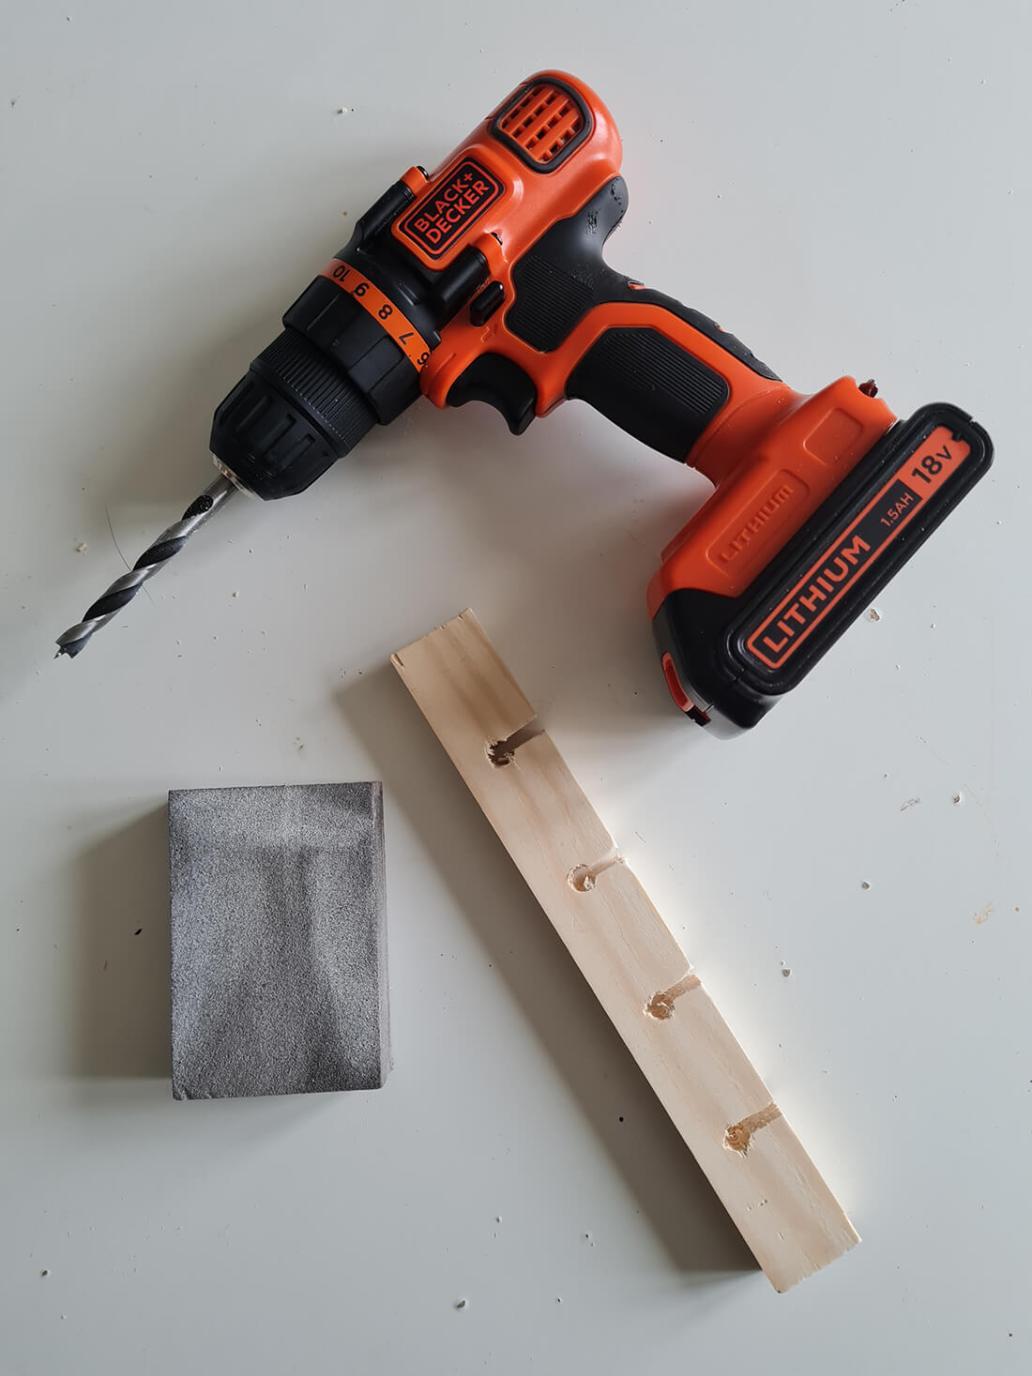 20210131 154940 - DIY pour l'entrée : fabriquer un support pour les clés au design minimaliste